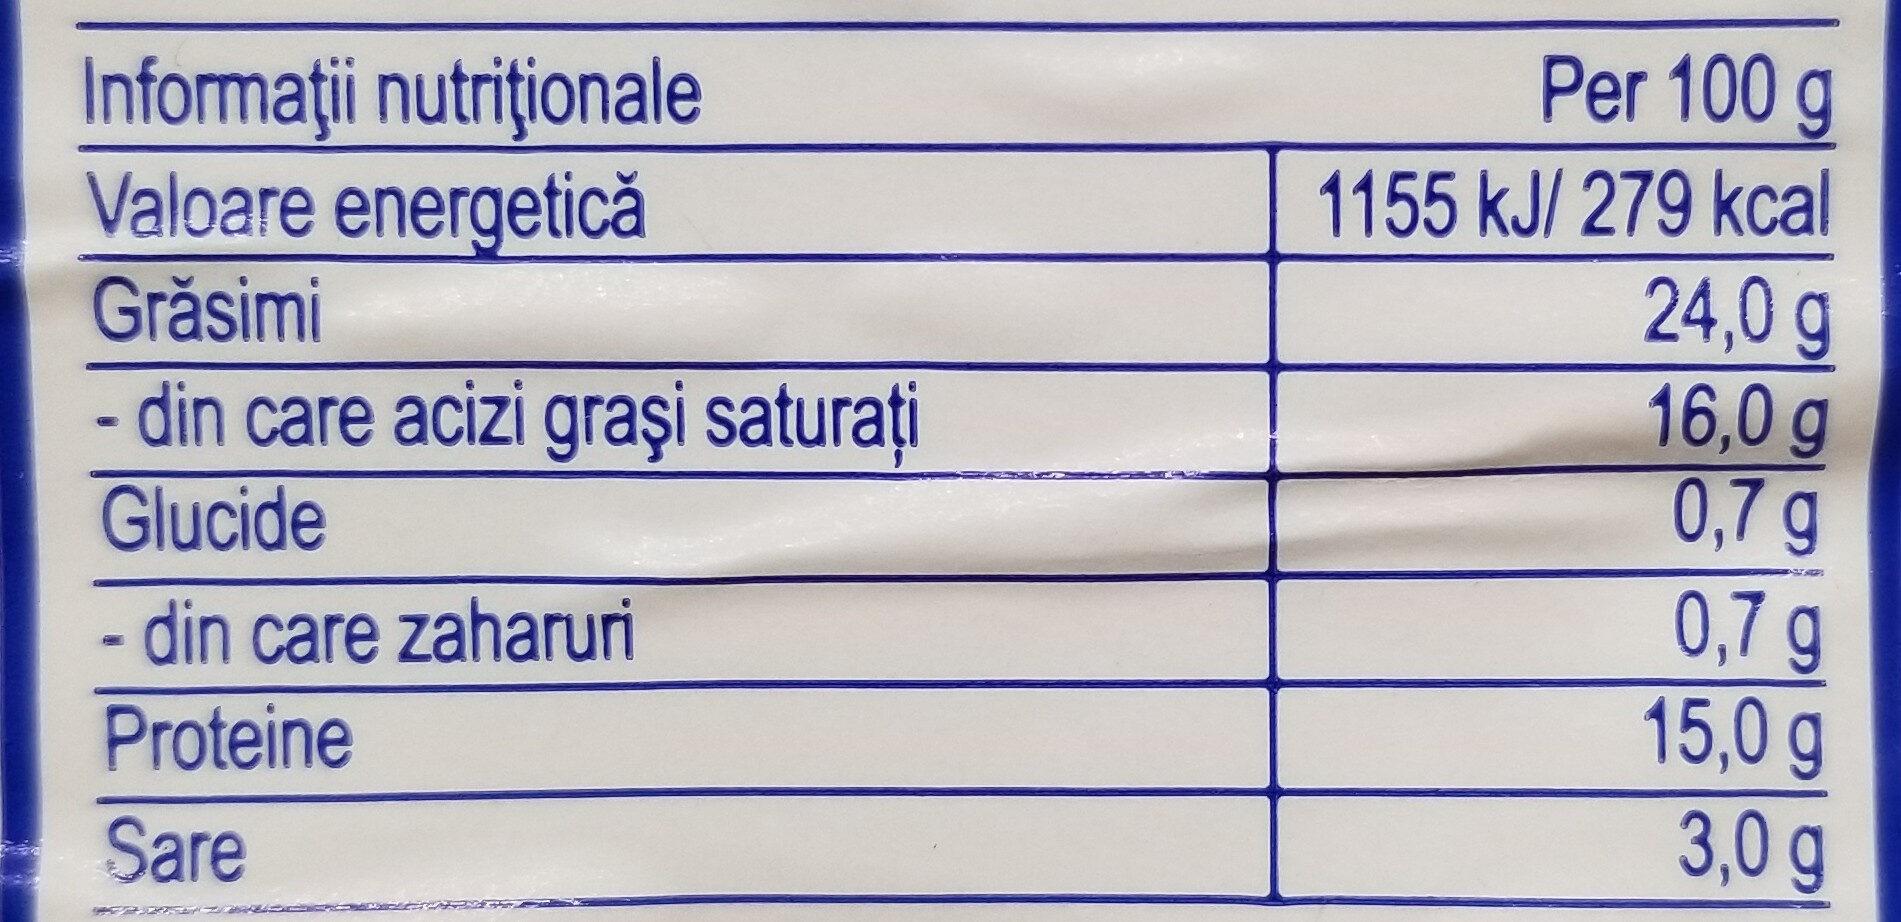 Hochland Telemea de vacă - Informations nutritionnelles - ro